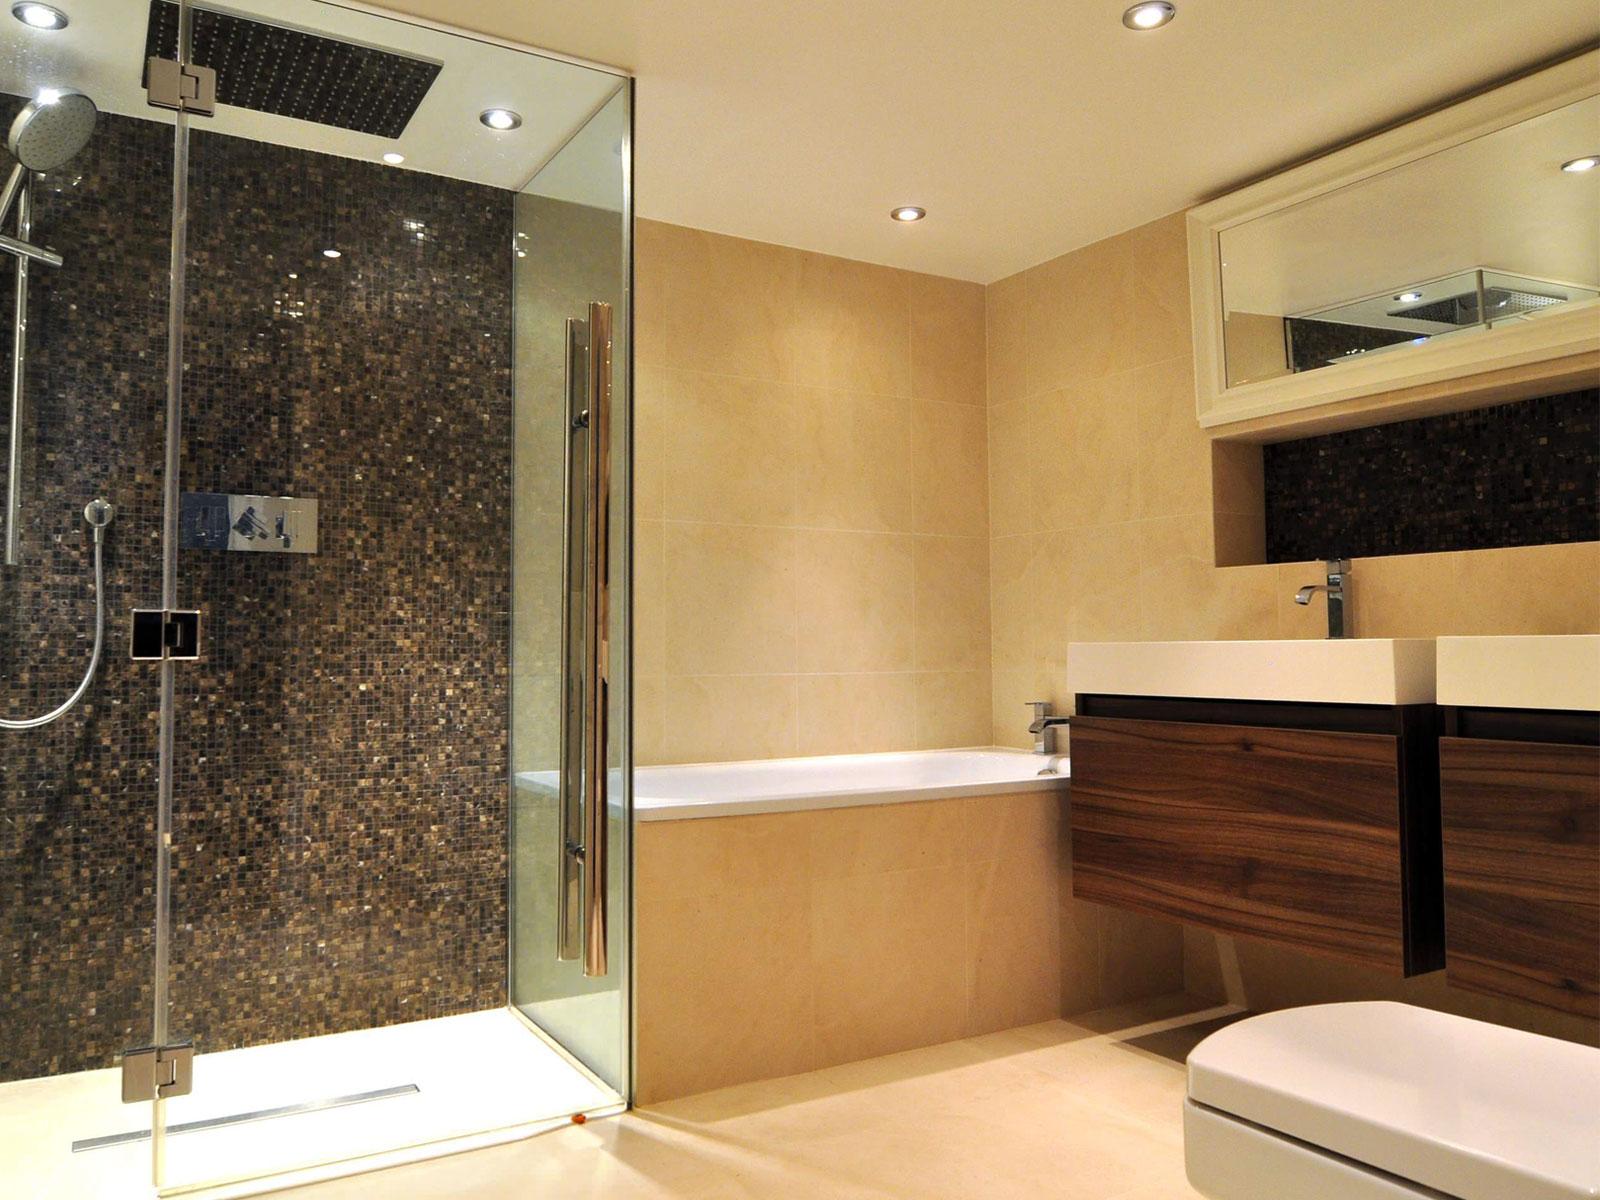 Waterproof Bathroom LED Lighting